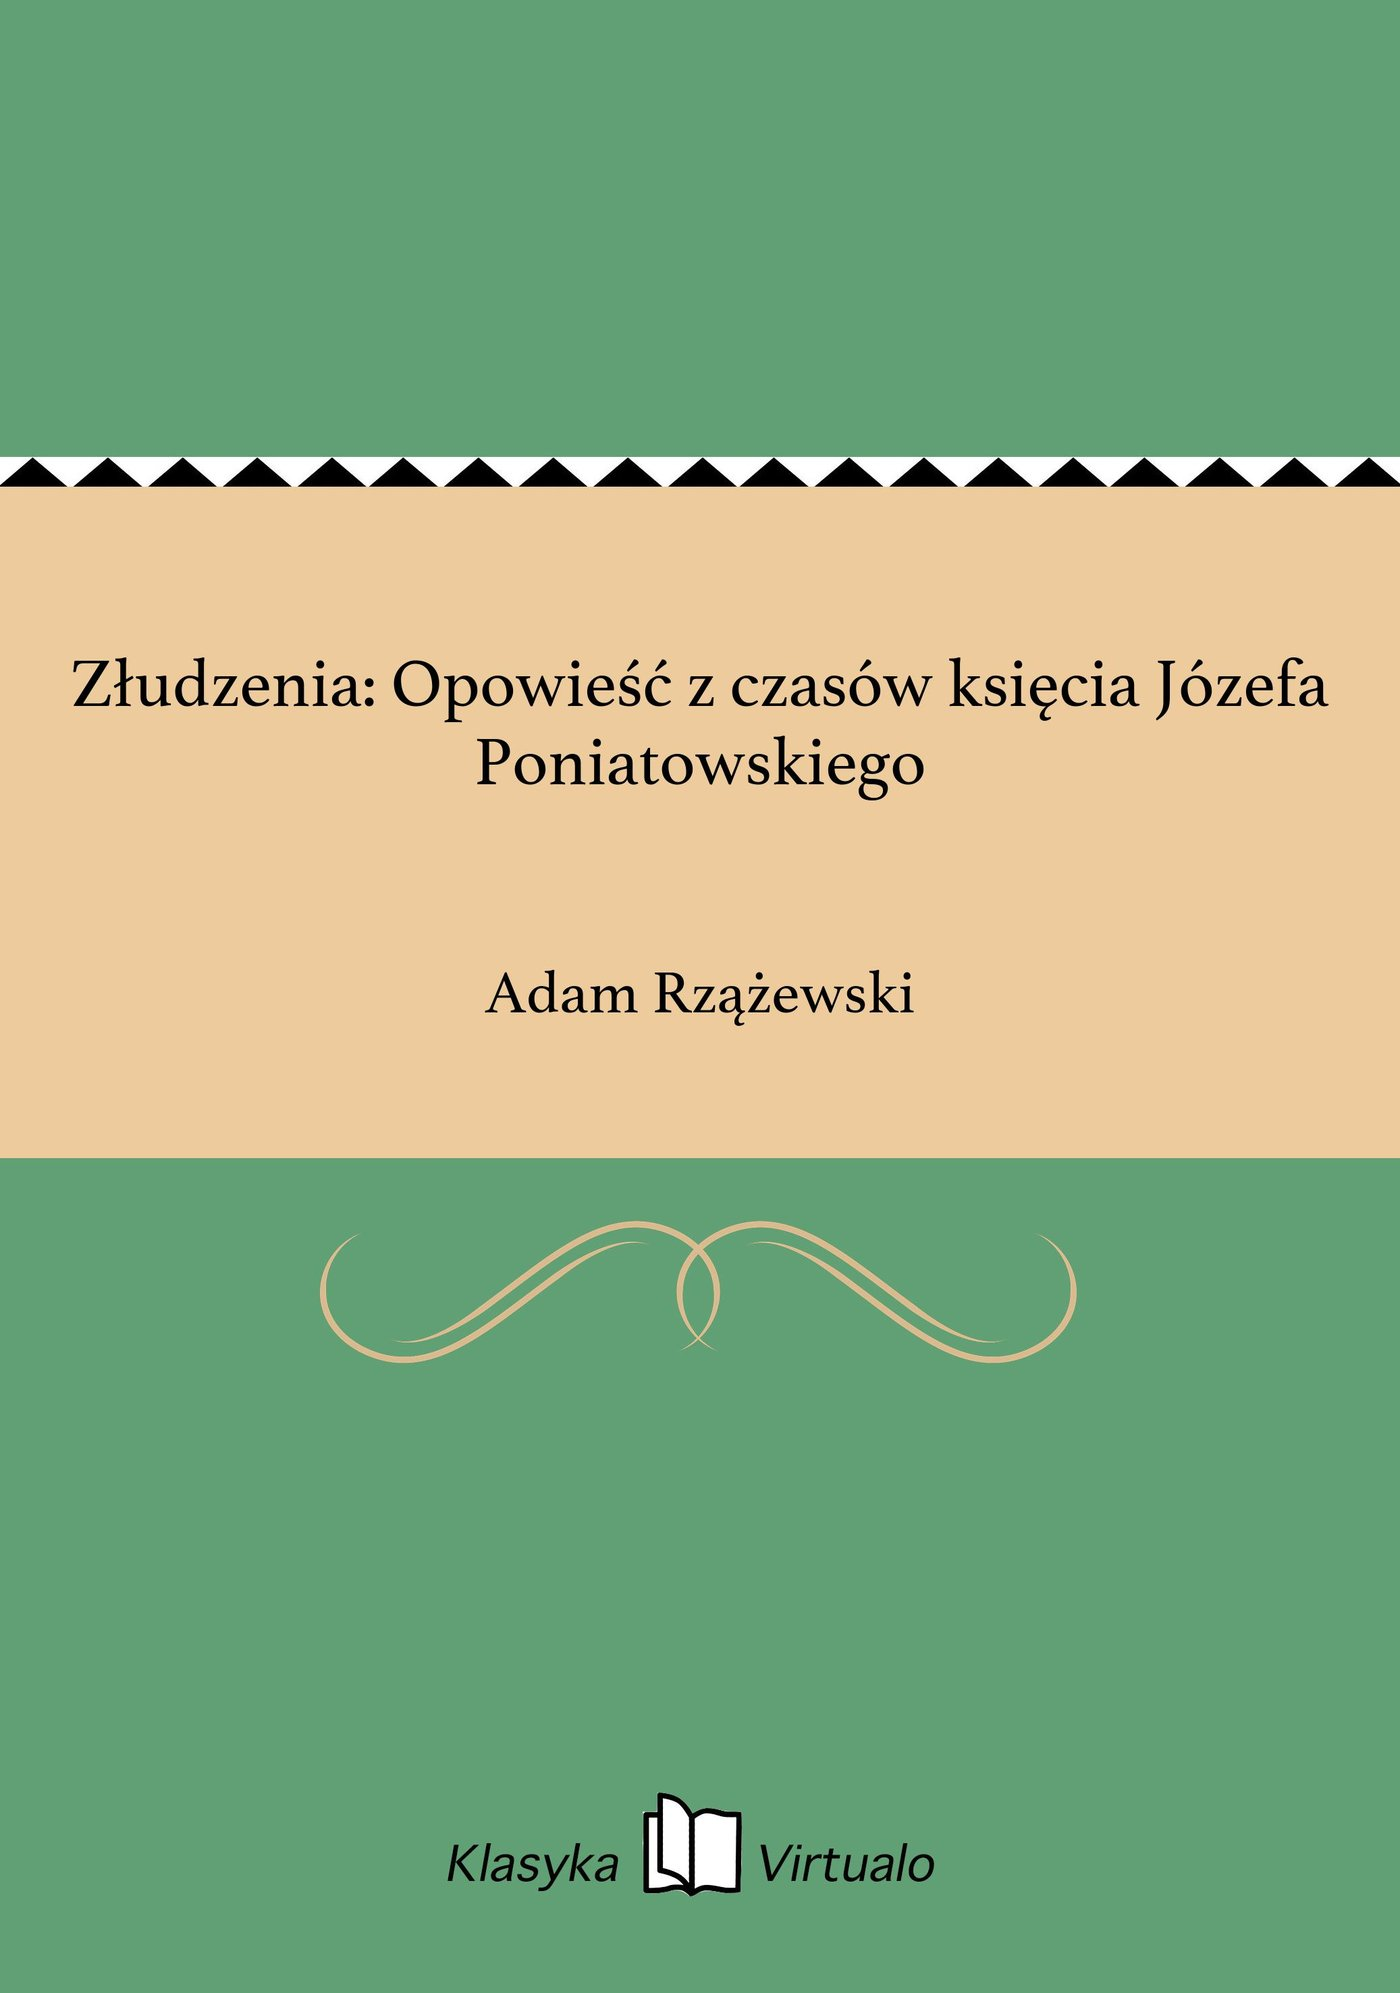 Złudzenia: Opowieść z czasów księcia Józefa Poniatowskiego - Ebook (Książka EPUB) do pobrania w formacie EPUB